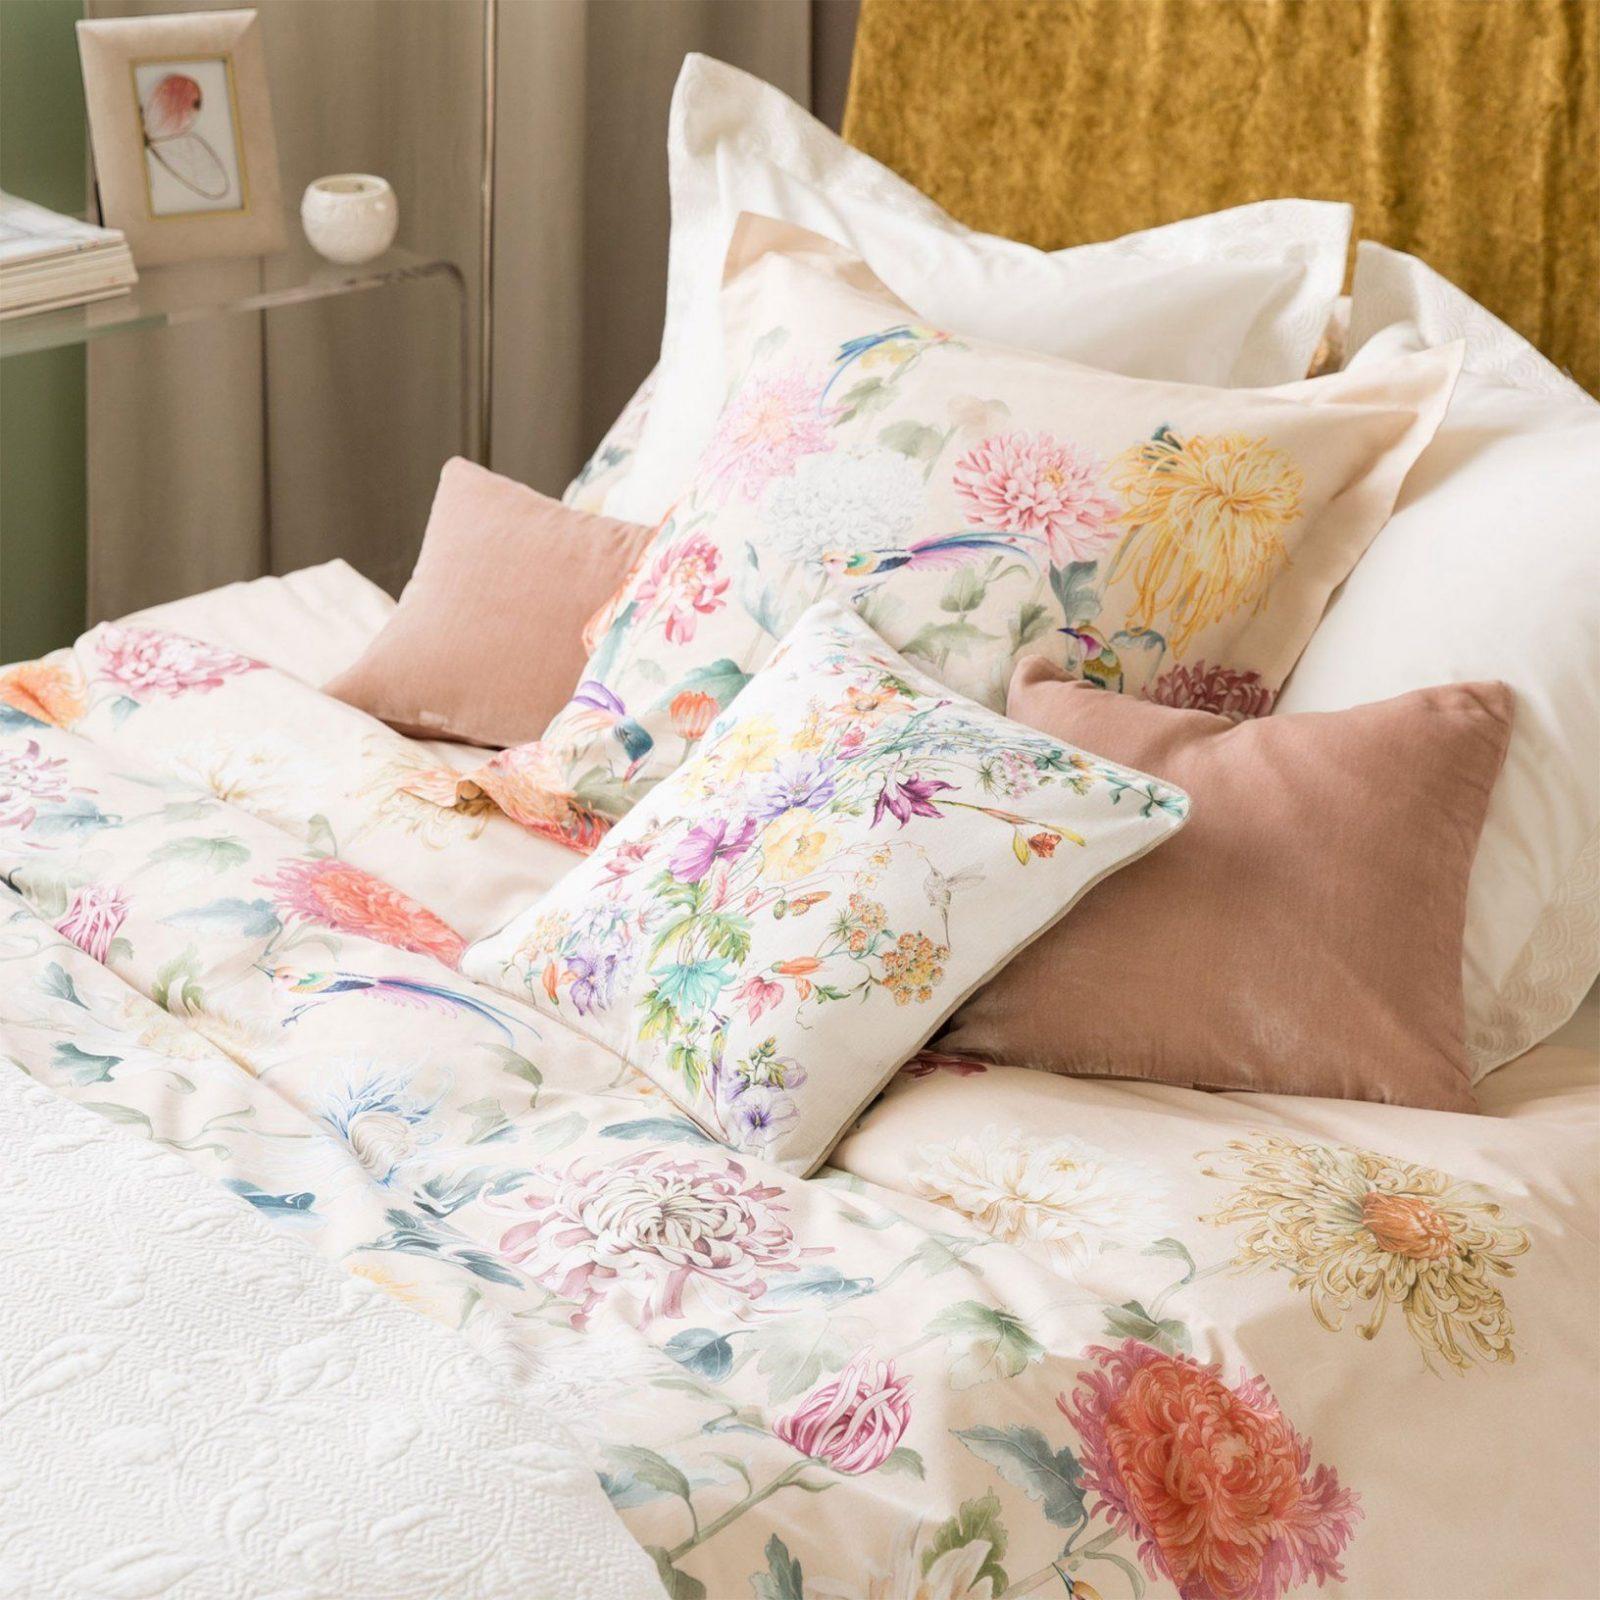 genial leinen bettw sche ikea ph136555 9169 dekorieren bei das haus von ikea leinen bettw sche. Black Bedroom Furniture Sets. Home Design Ideas